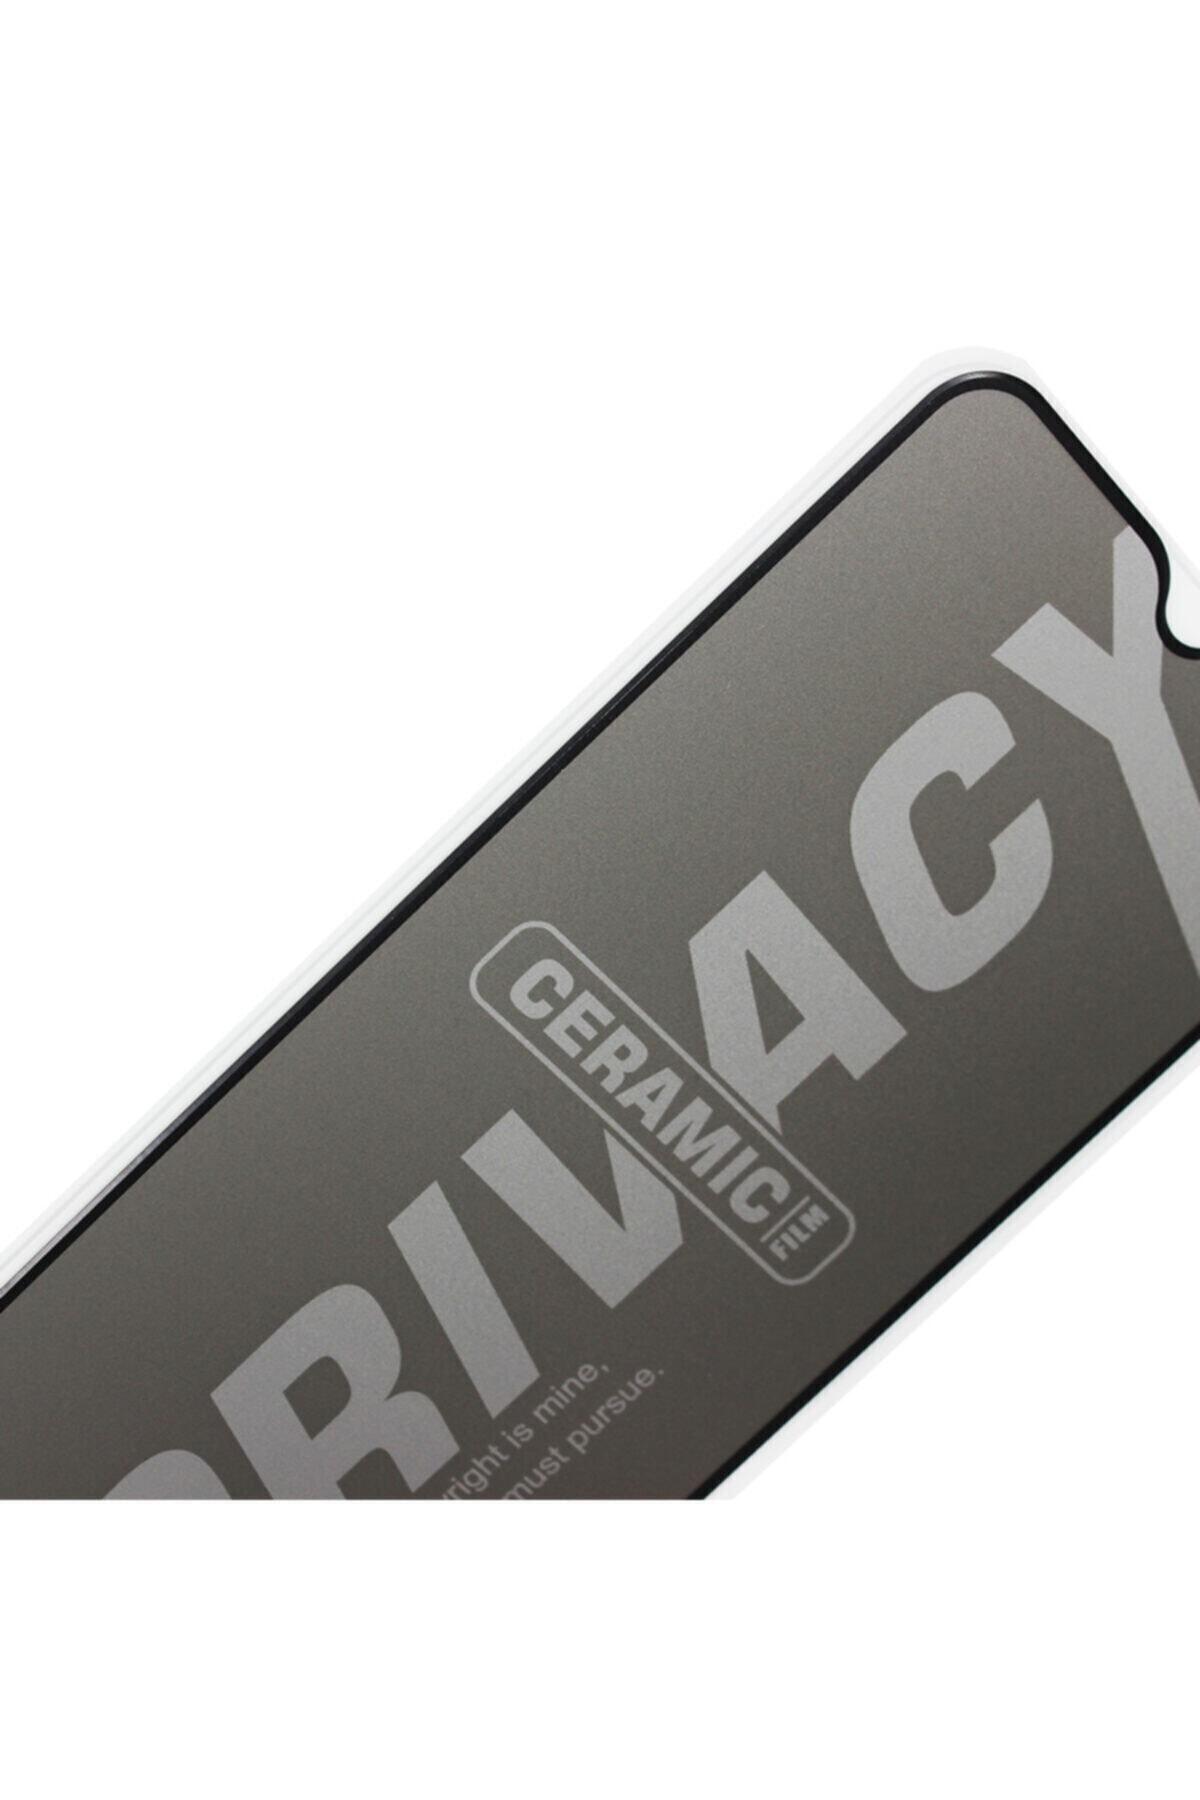 EPRO Xiaomi Redmi Note 8 Pro Gizlilik Filtreli Privacy Mat Seramik Hayalet Ekran Koruyucu Yandan Görünmez 2